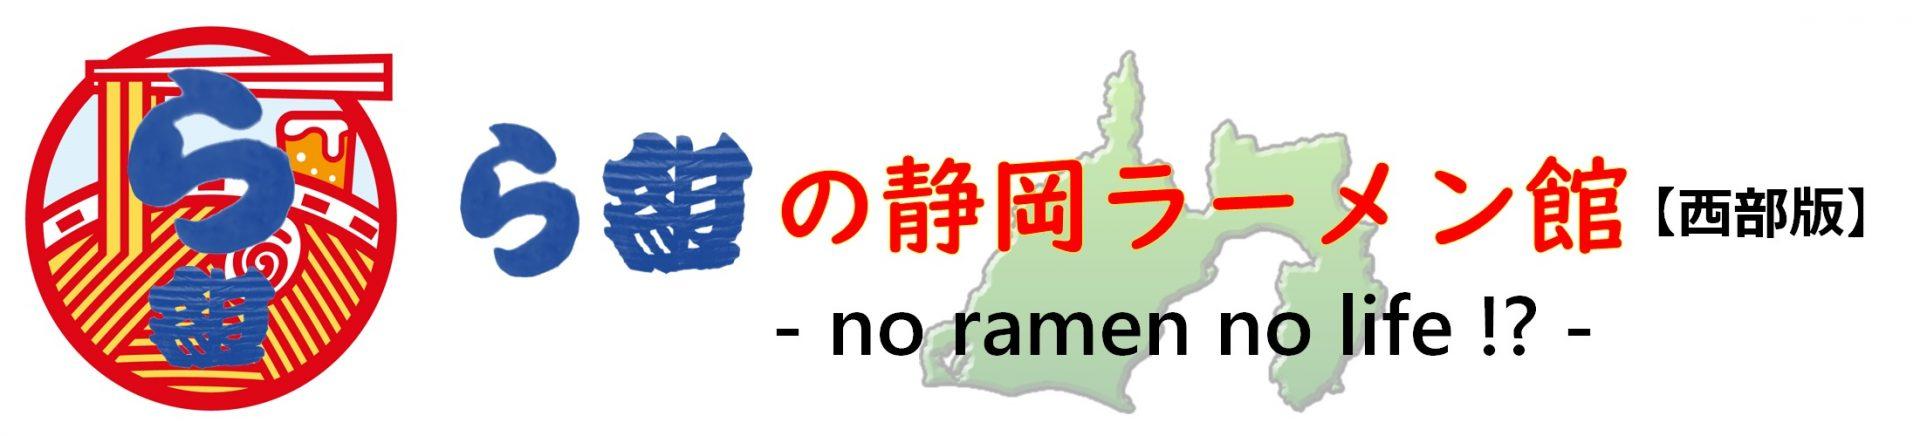 ら組の静岡ラーメン館